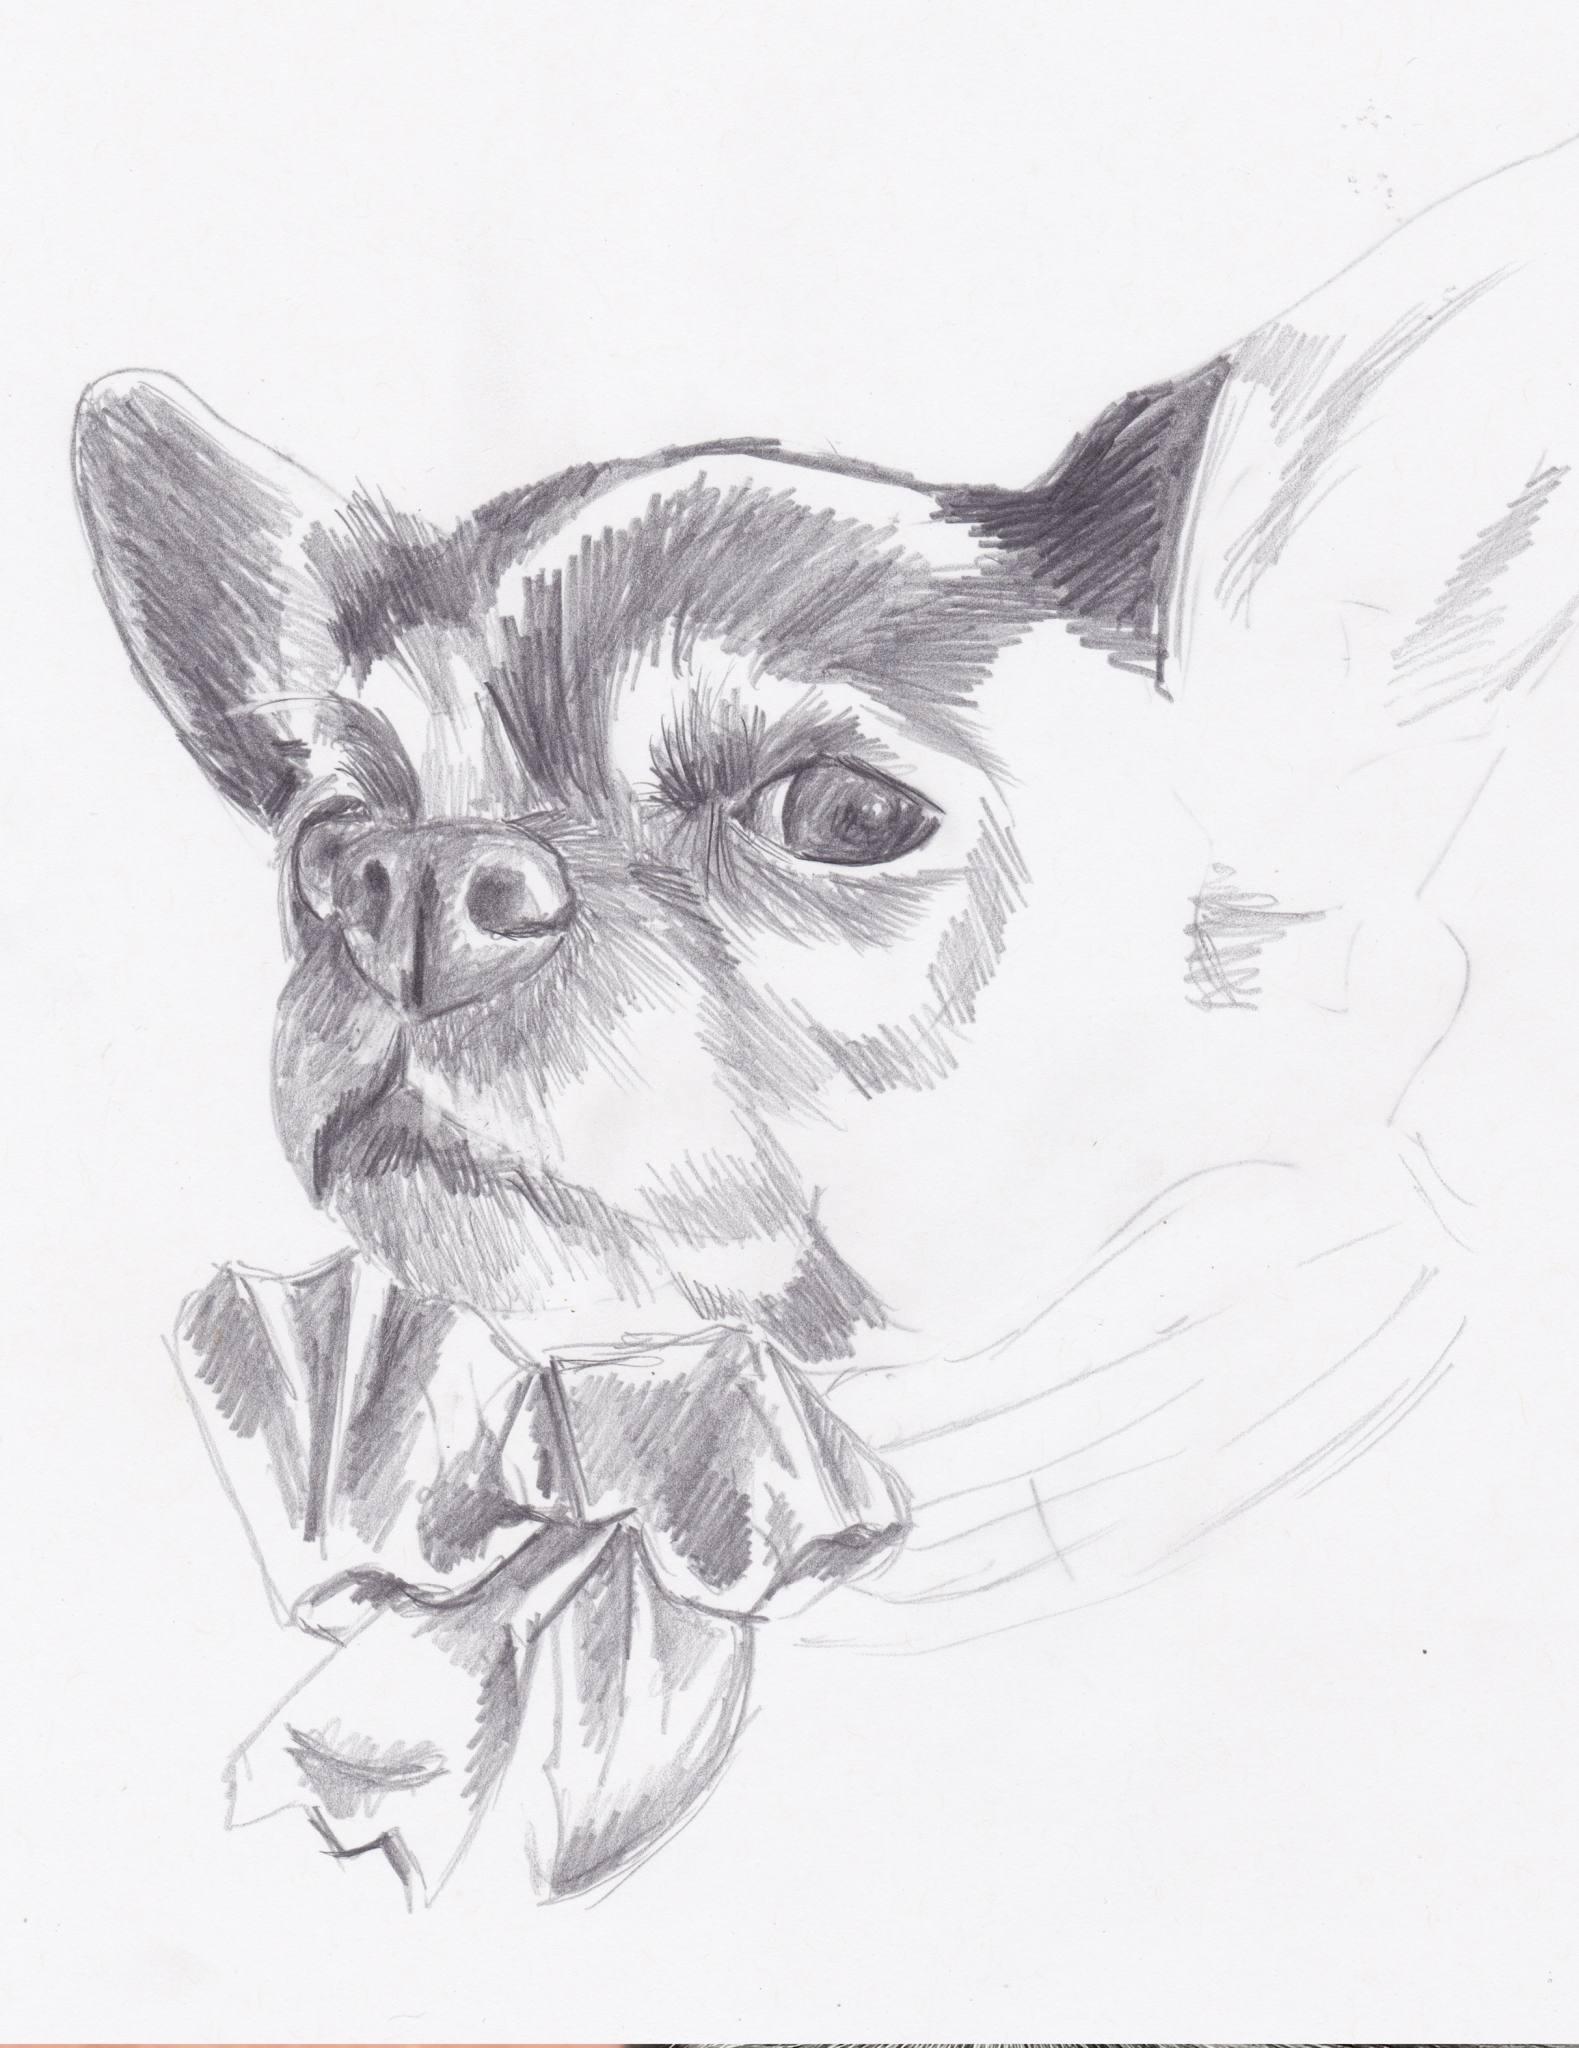 Portrait- dessin au crayon du chihuahua